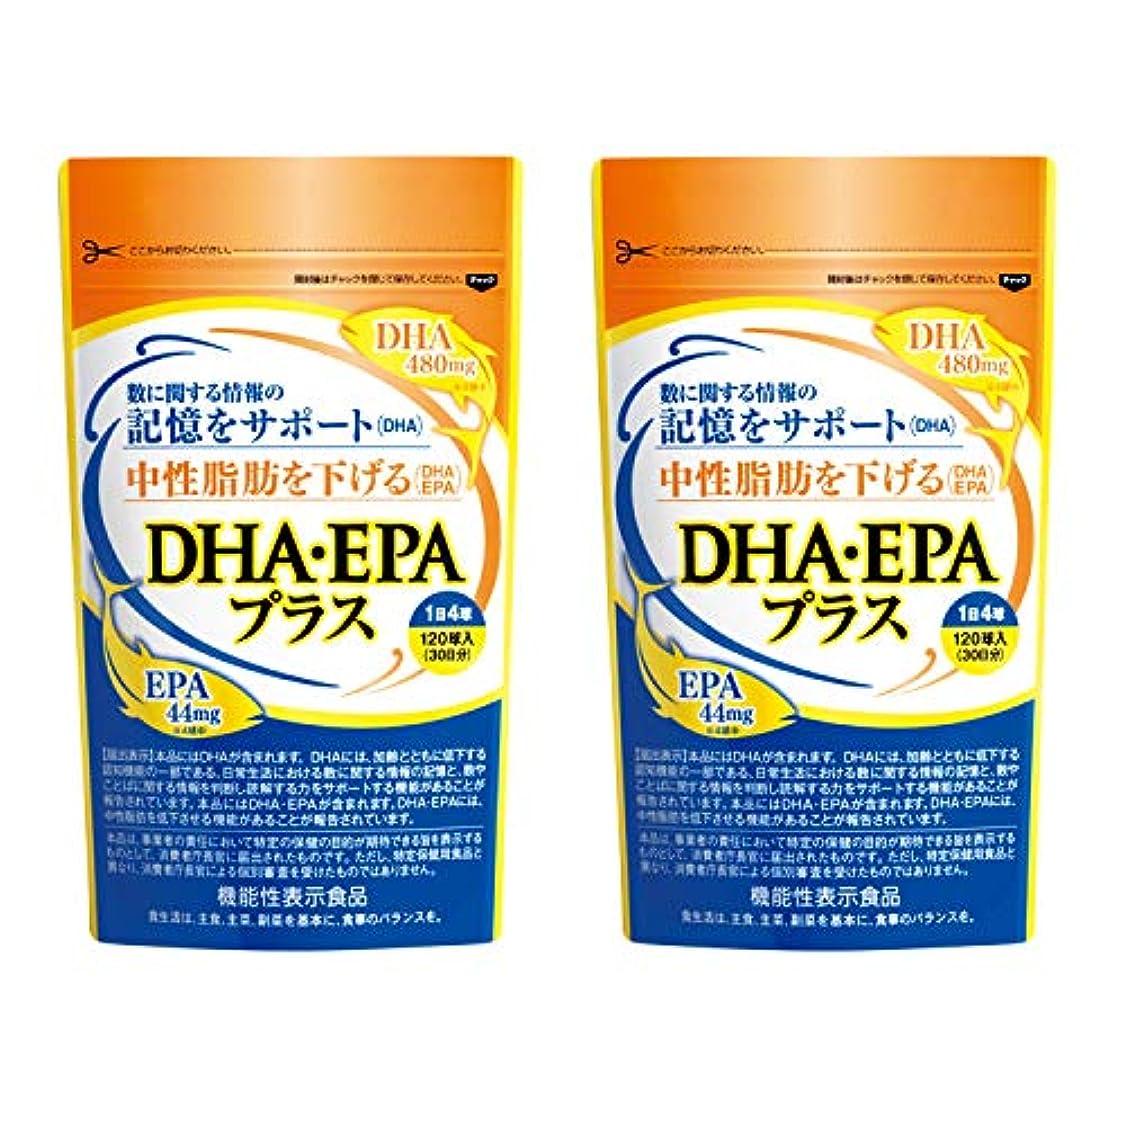 ホステスミンチいとこ【機能性表示食品】DHA?EPAプラス 2パックセット